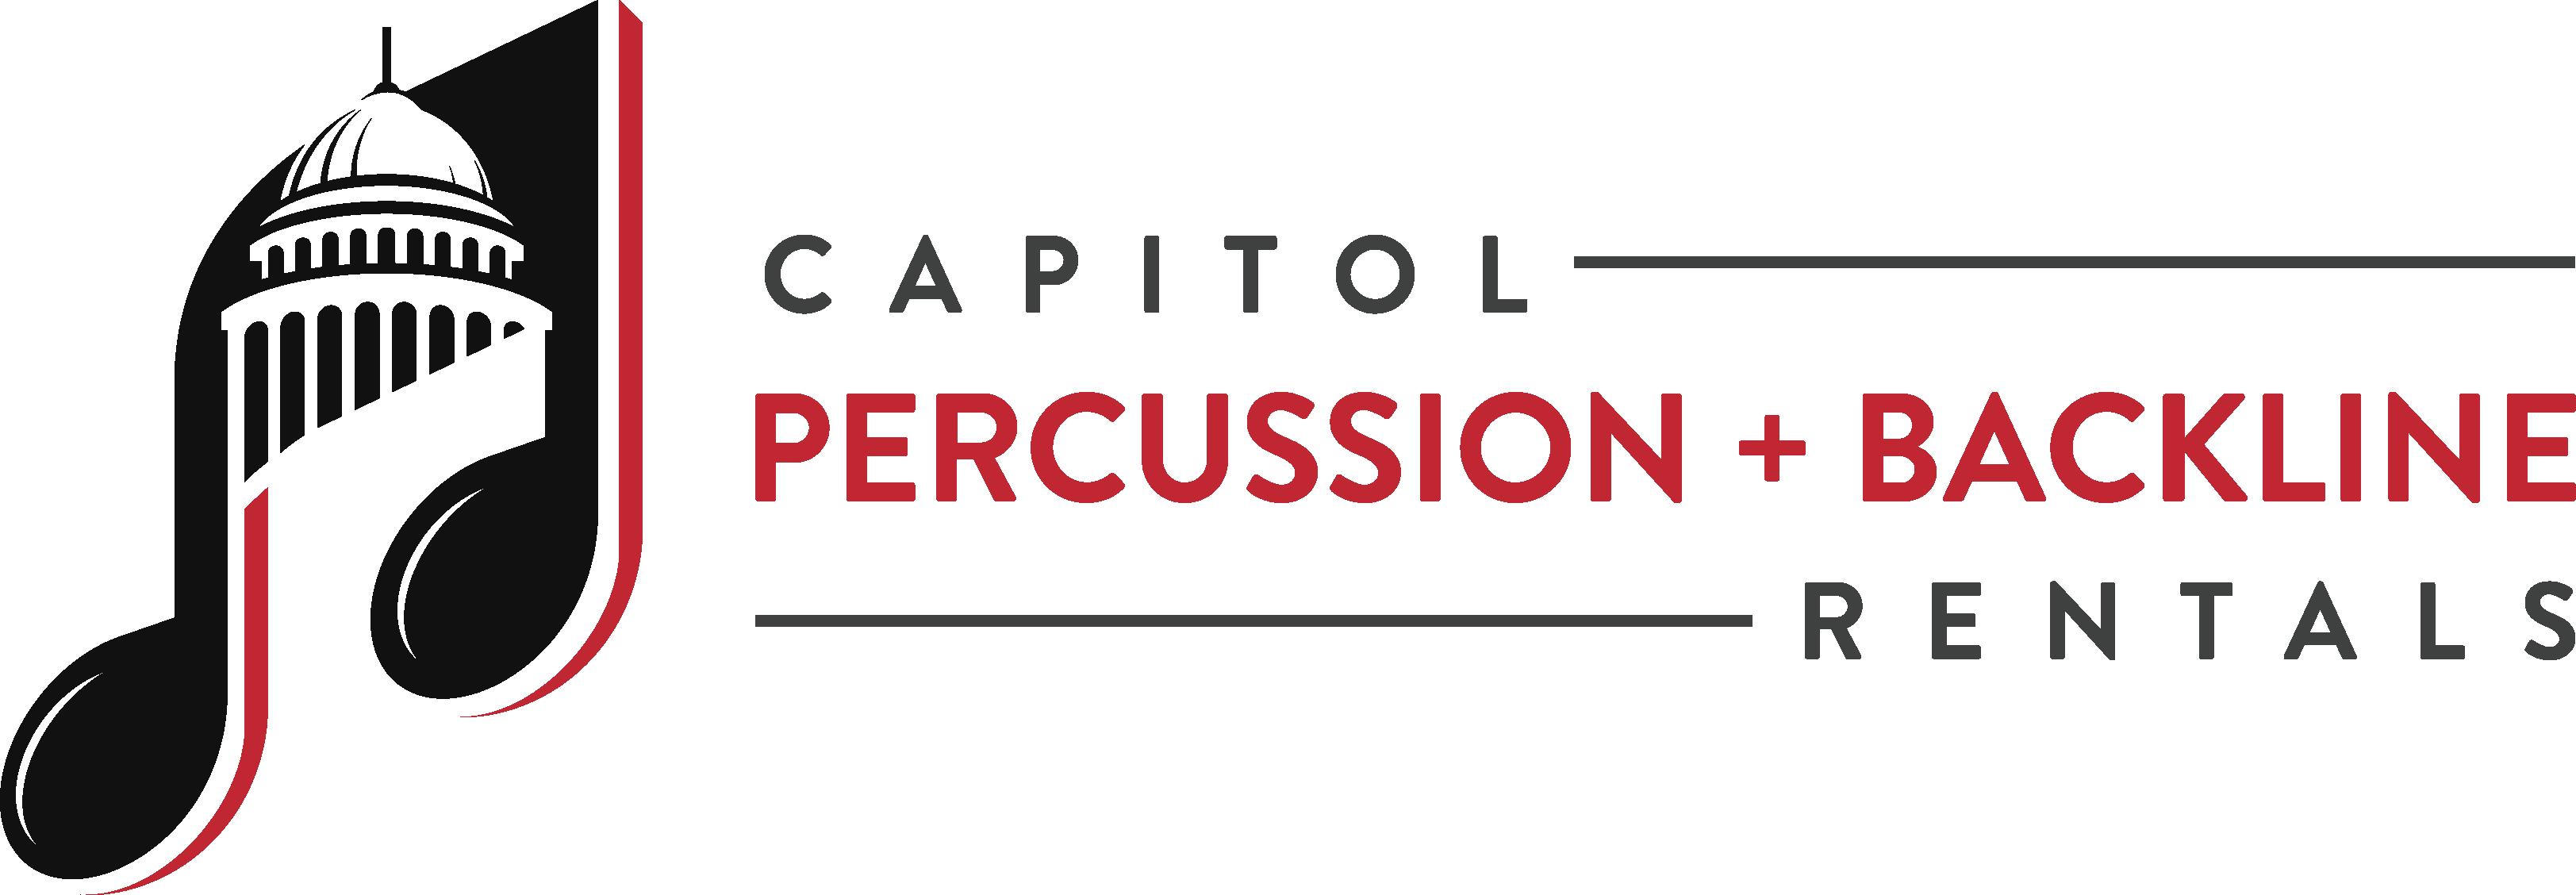 Capitol Percussion + Backline